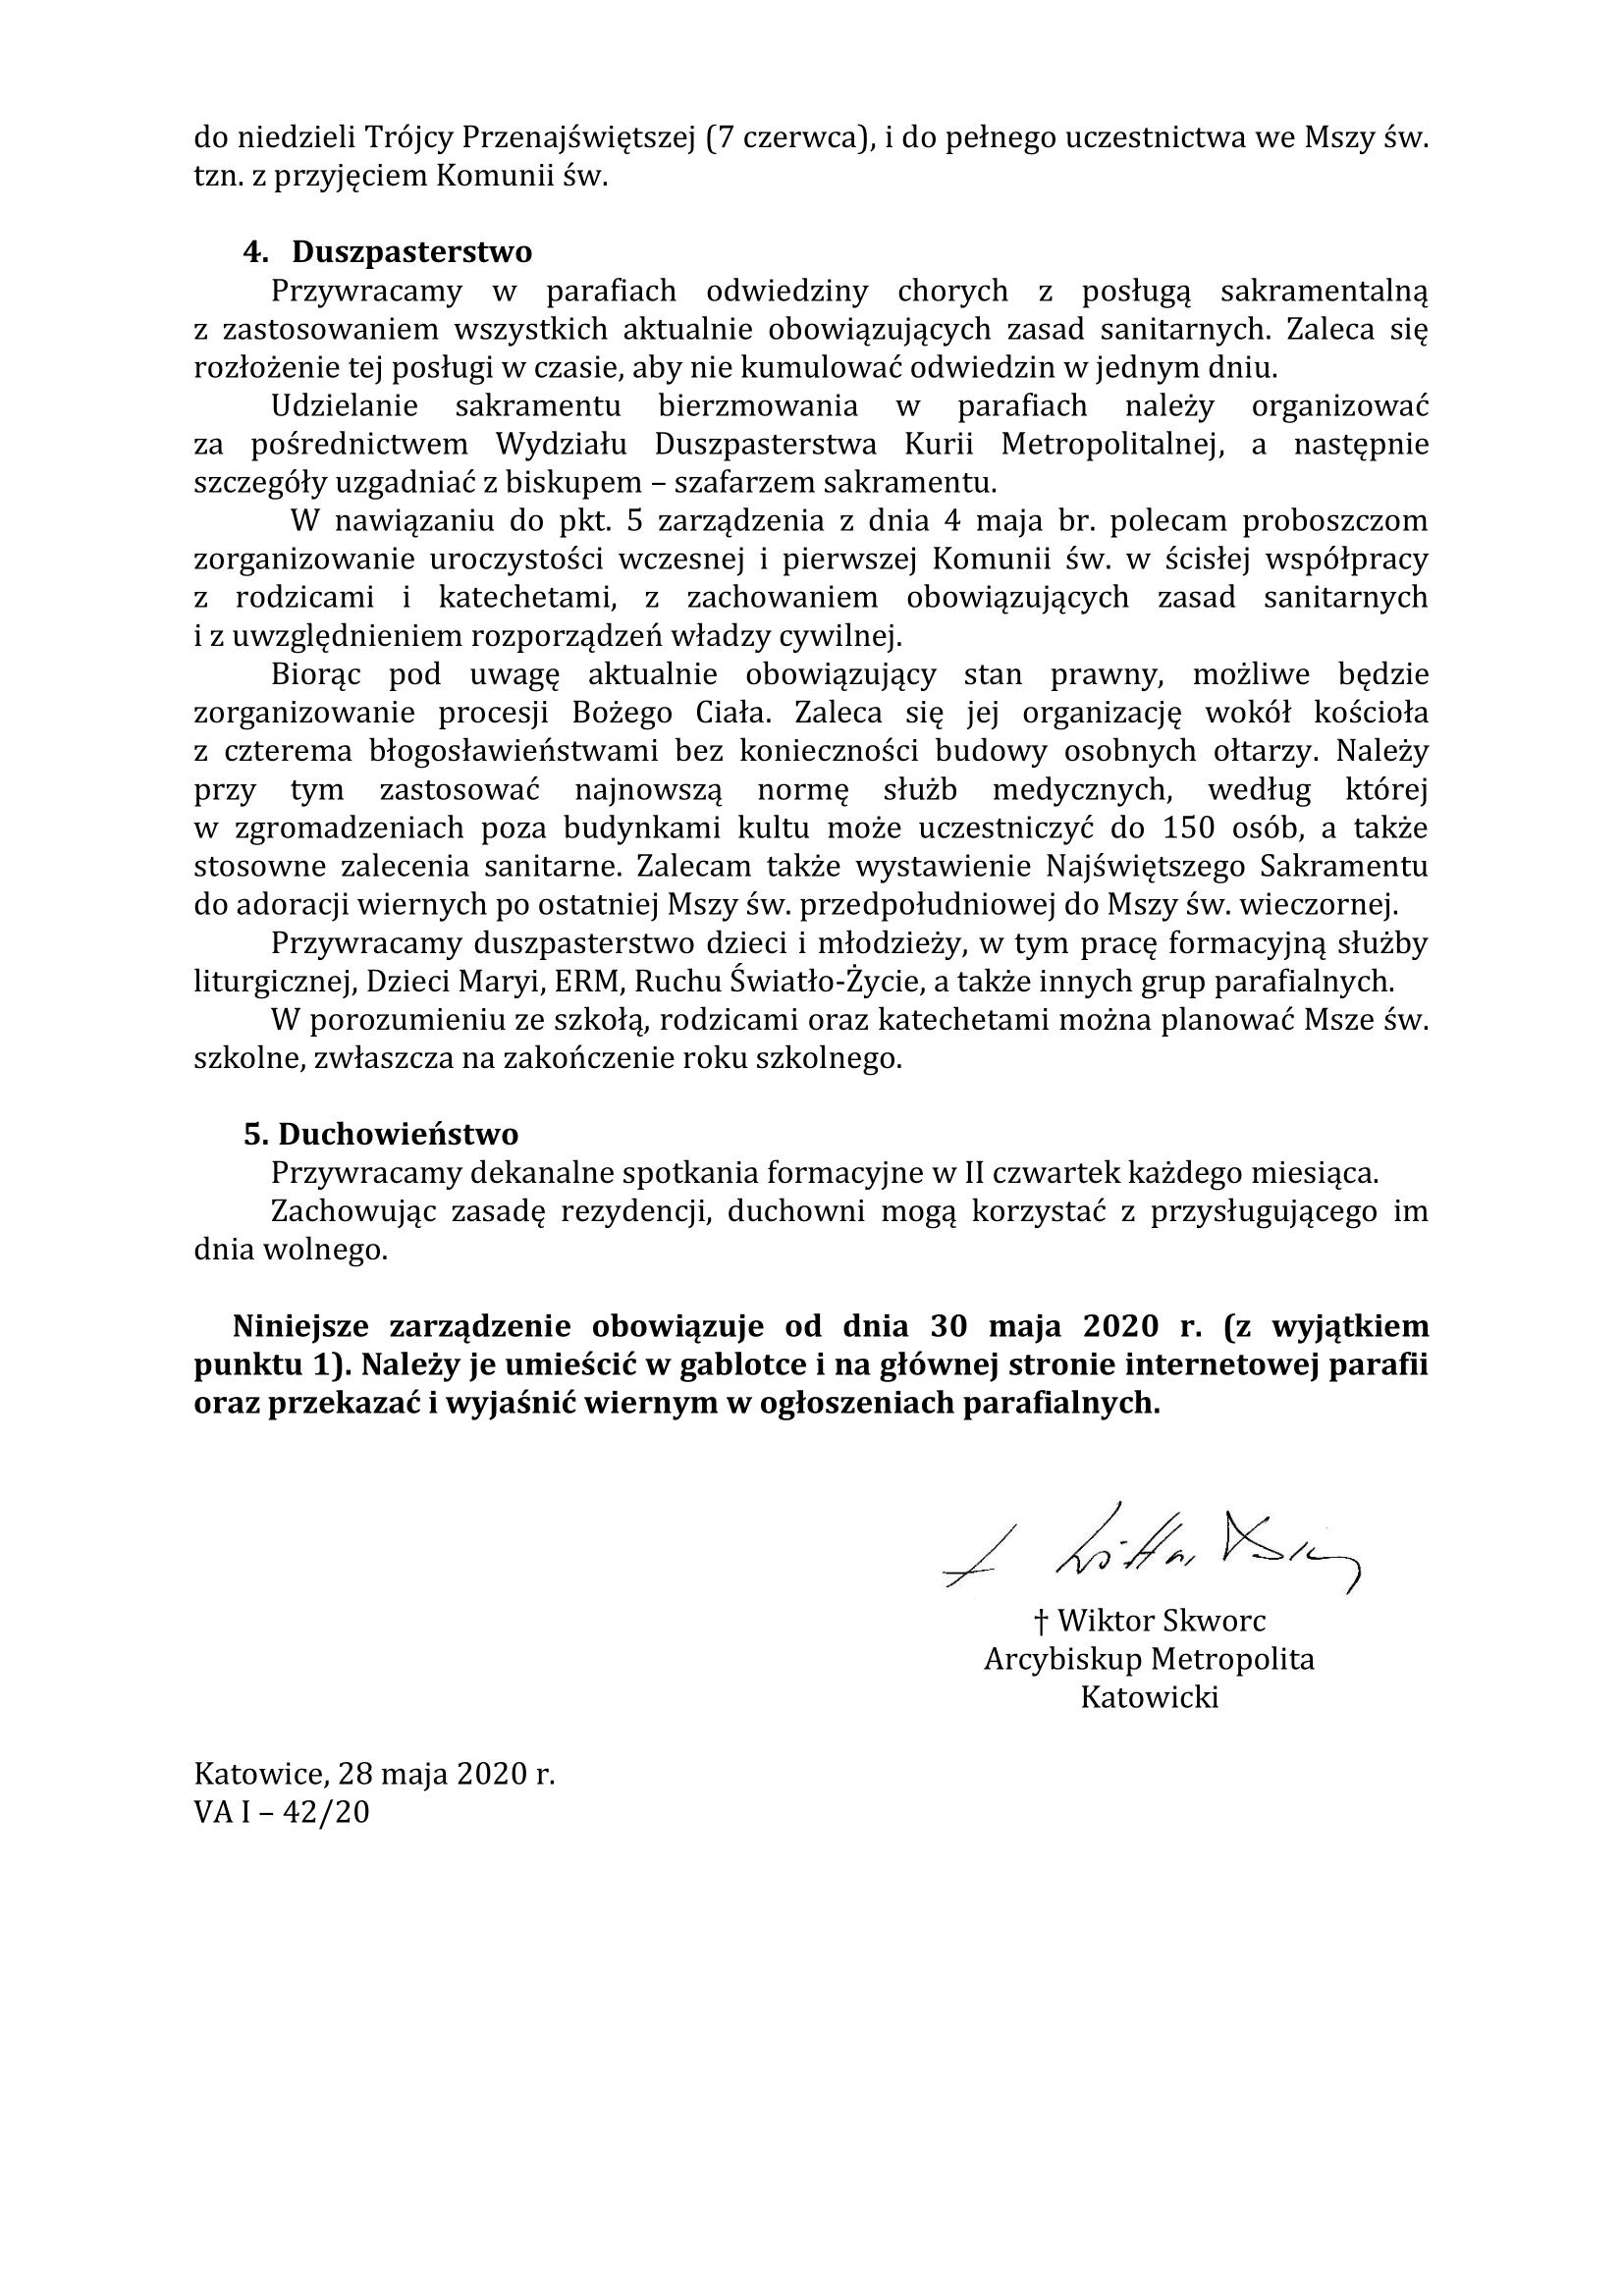 Zarządzenie Arcybiskupa Katowickiego odnośnie do sprawowania posługi duszpasterskiej i liturgicznej